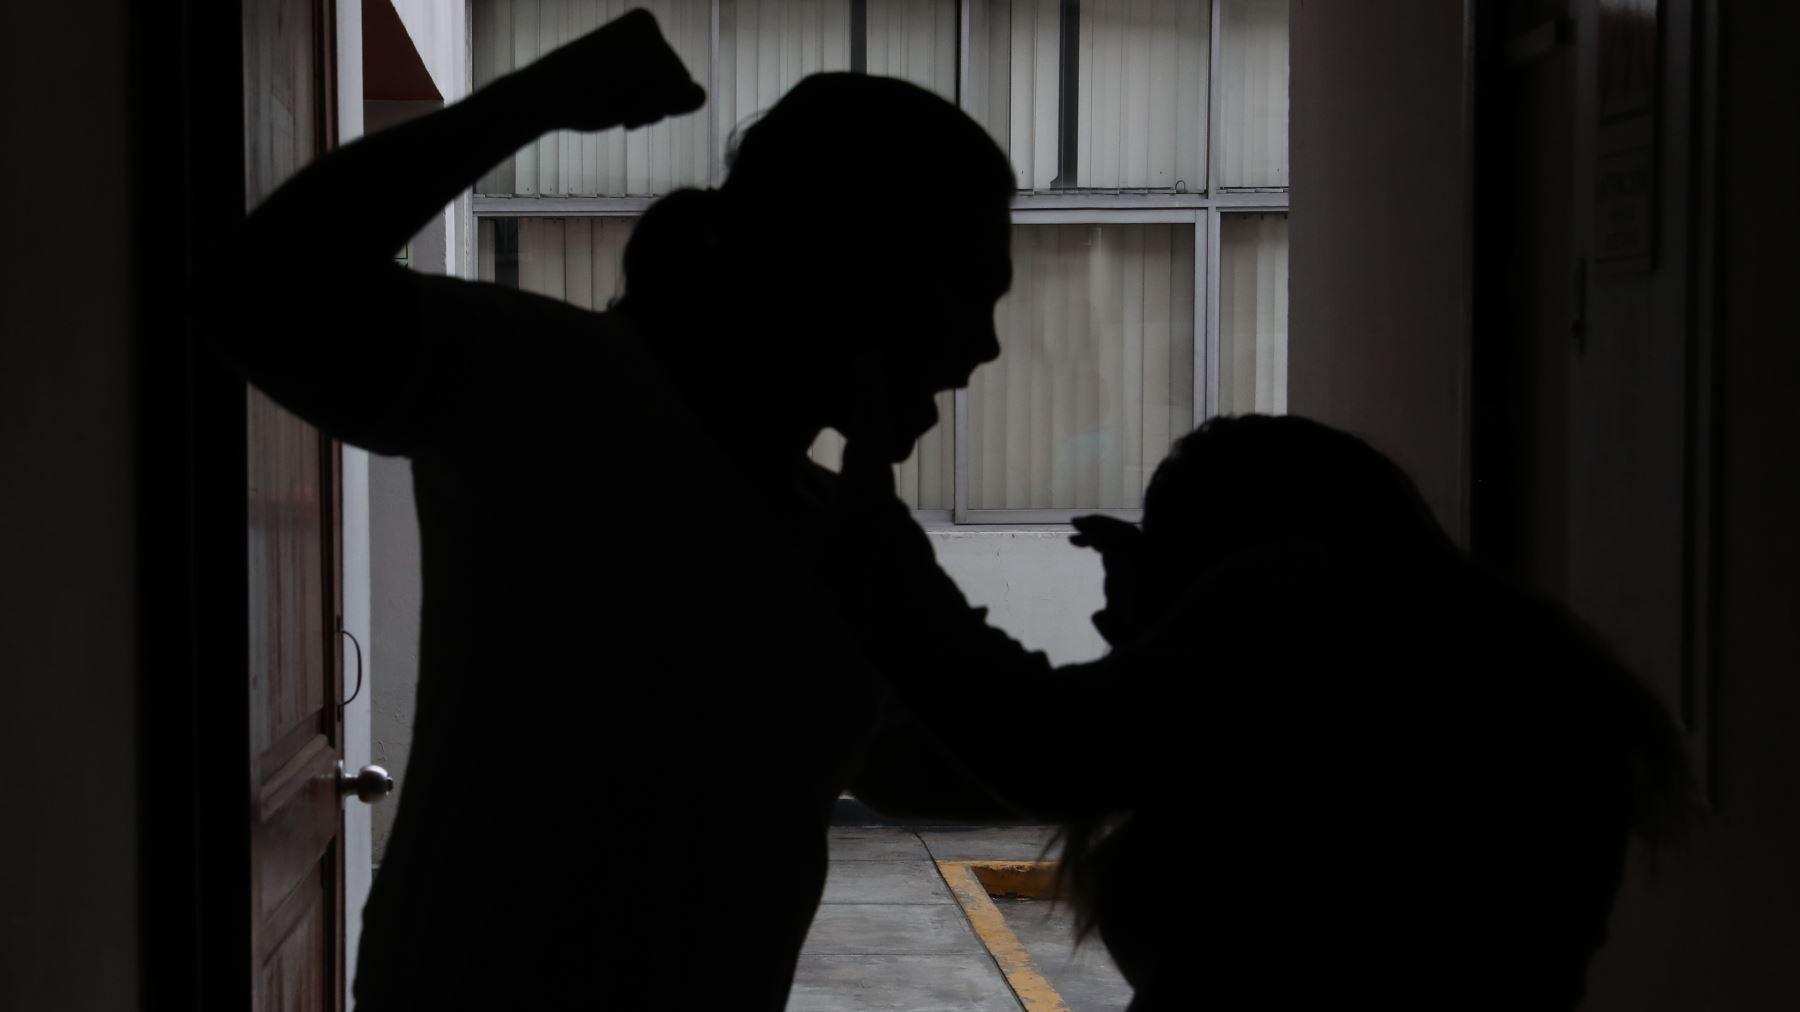 La Defensoría del Pueblo ha expresado su preocupación por las mujeres, niñas y adolescentes reportadas como desaparecidas.